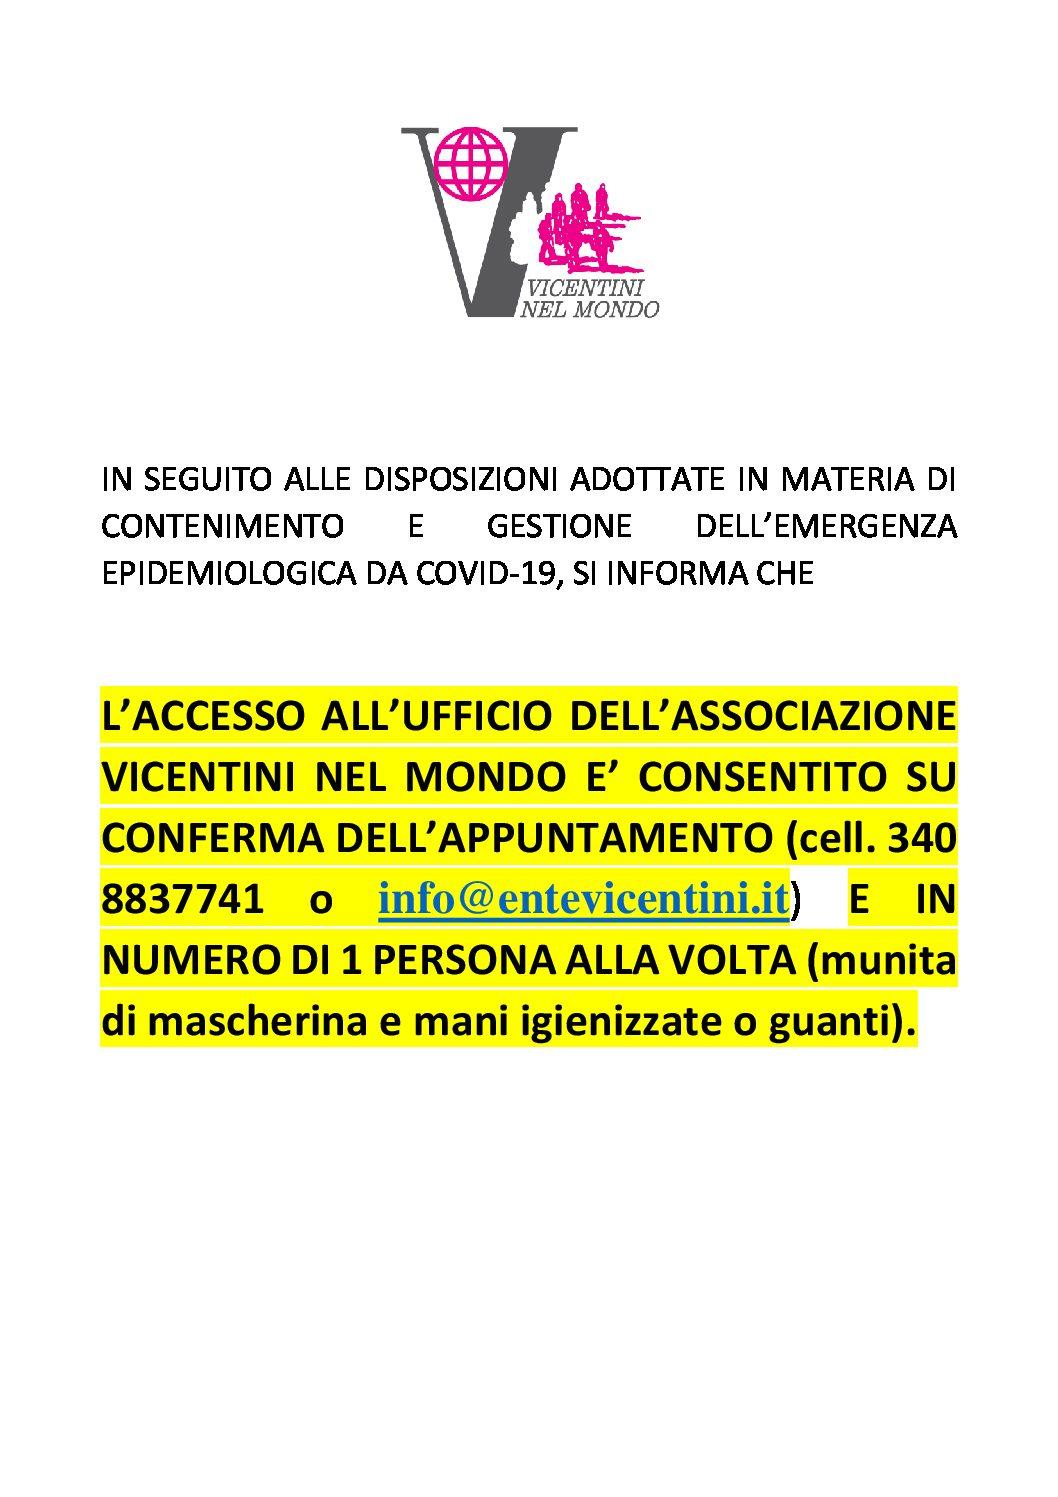 COVID 19 - MODALITA' DI ACCESSO ALLA SEDE DI VICENZA ...